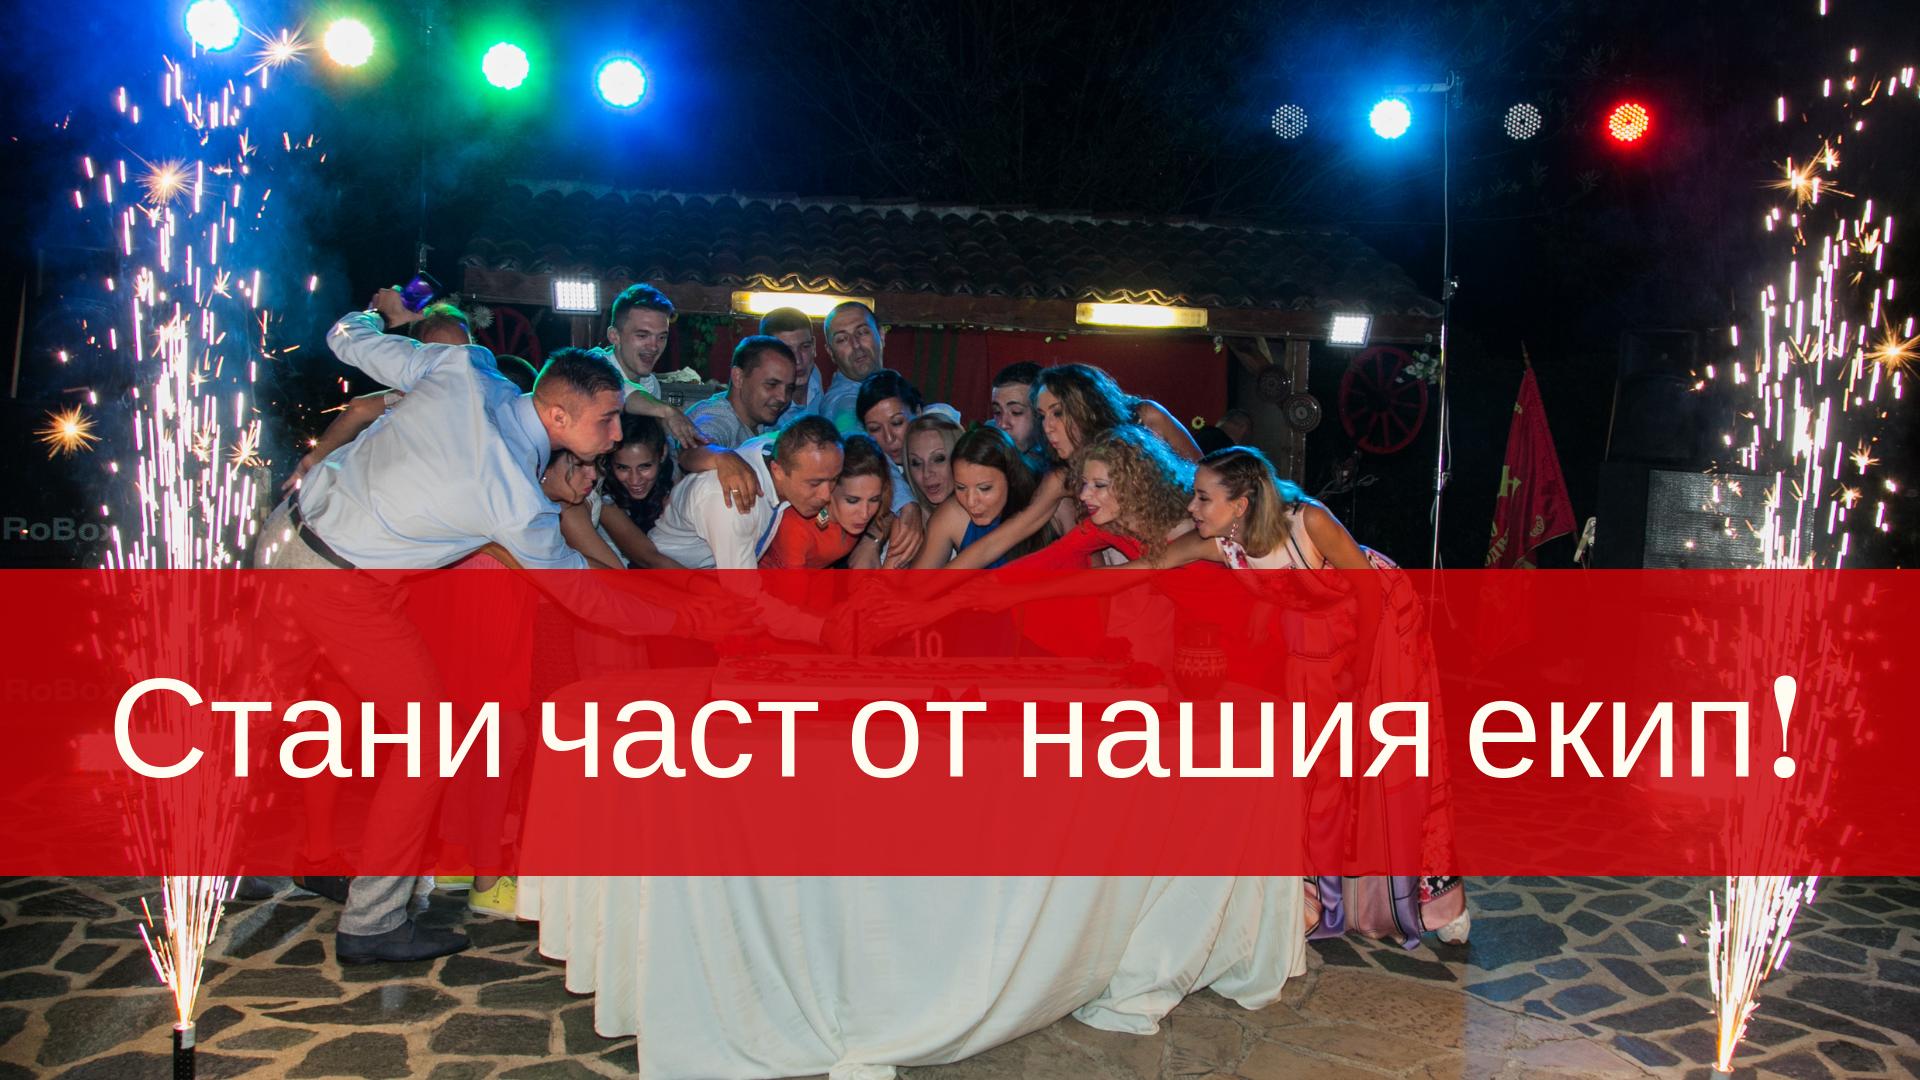 Снимка на статия за събития на школа по народни танци.Photo for Стани част от нашия екип! article.